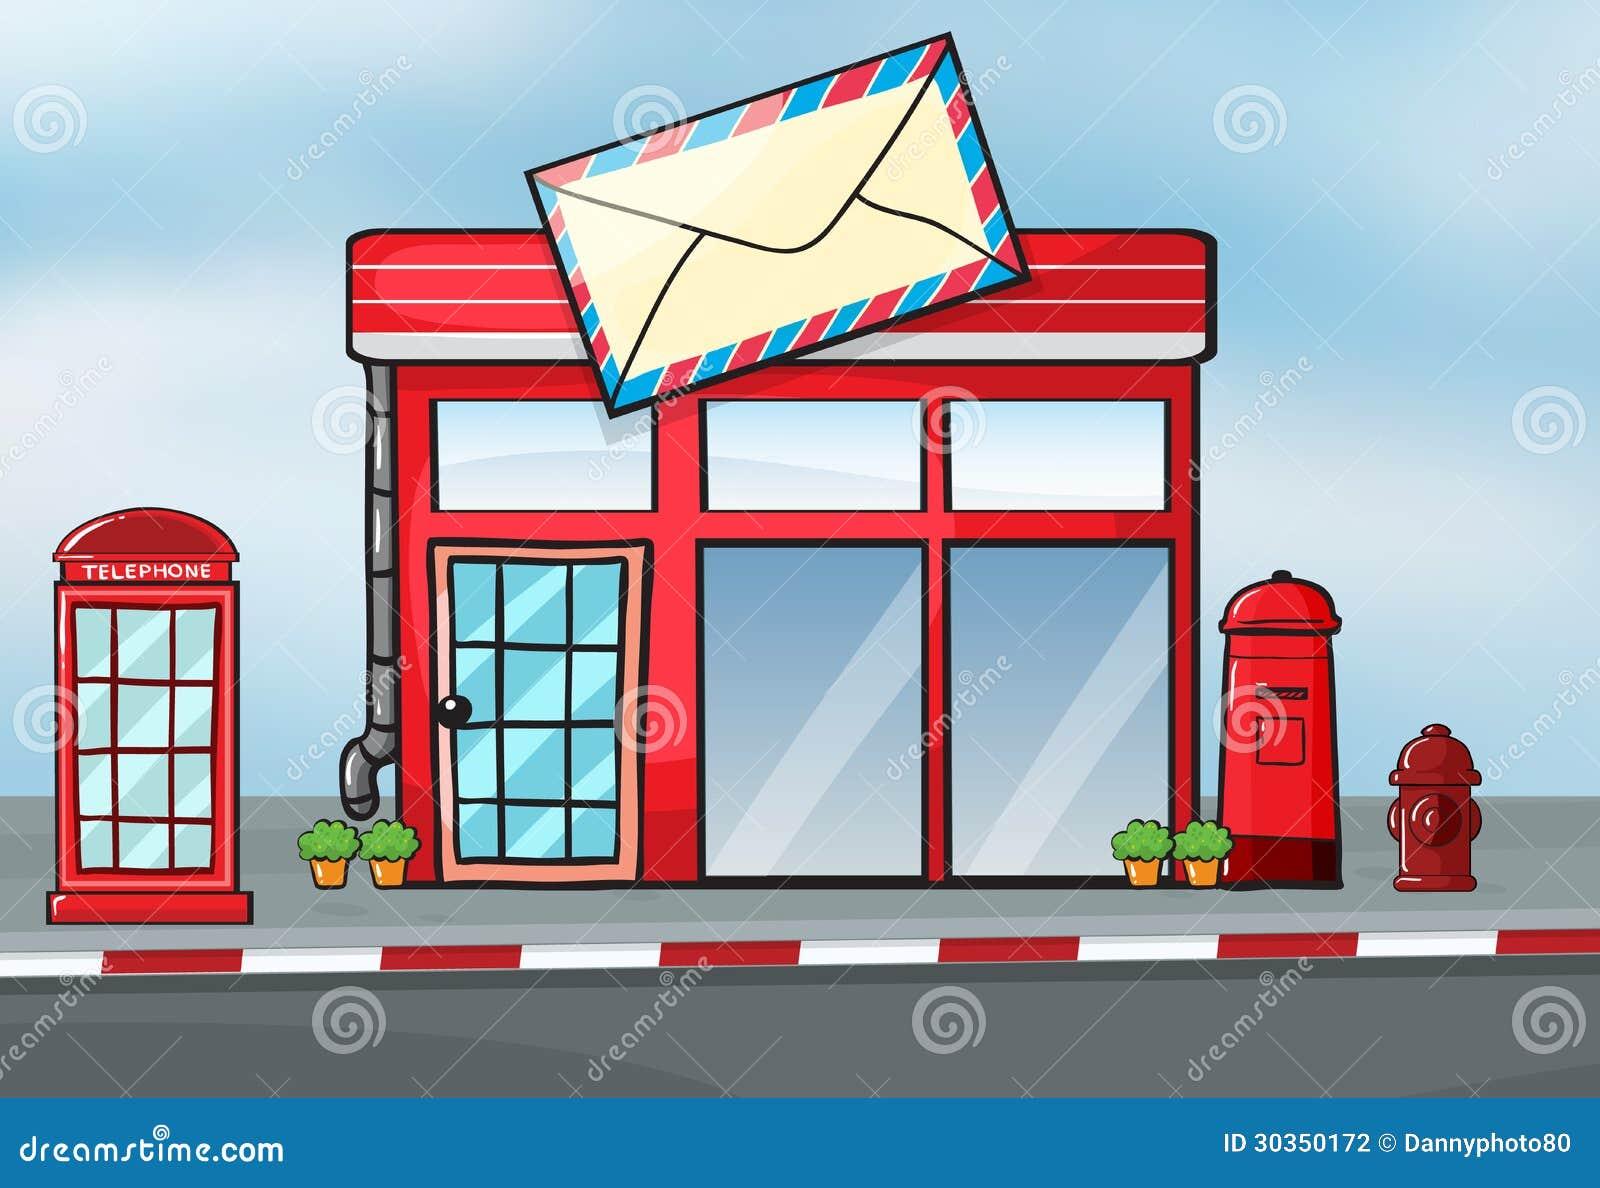 Una oficina de correos ilustraci n del vector imagen de for Oficina correos mostoles